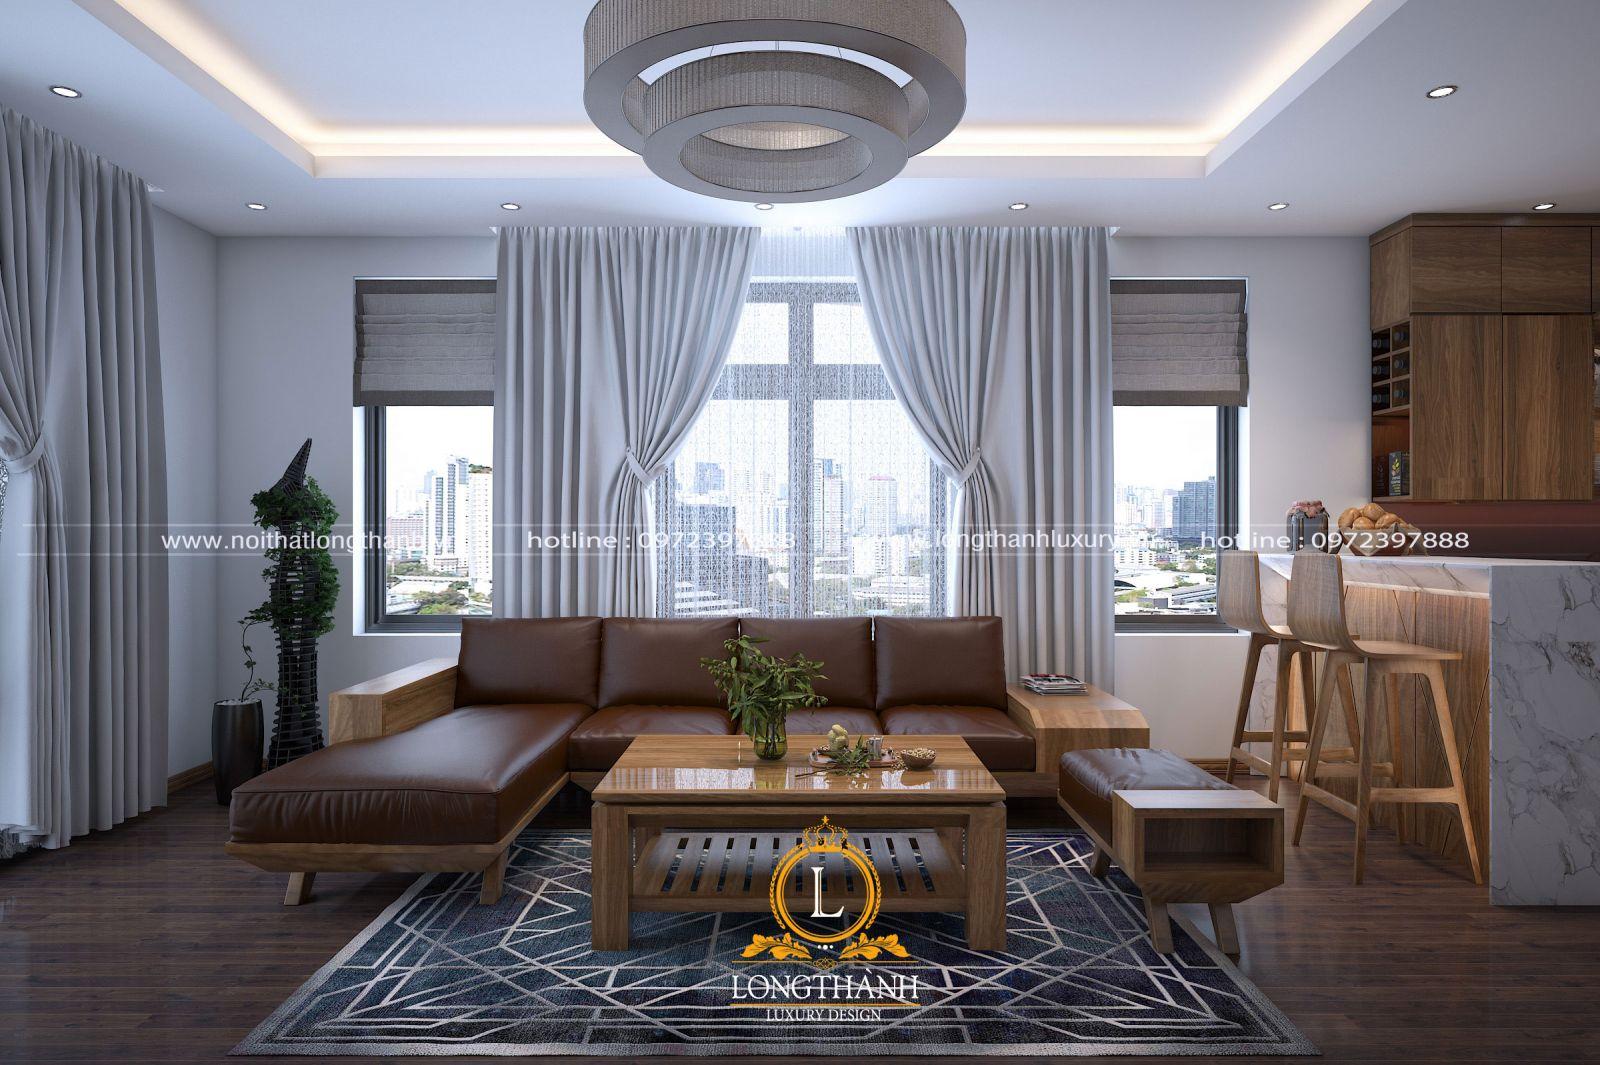 Mẫu sofa gỗ nhỏ gọn - tối ưu cho phòng khách có diện tích hẹp